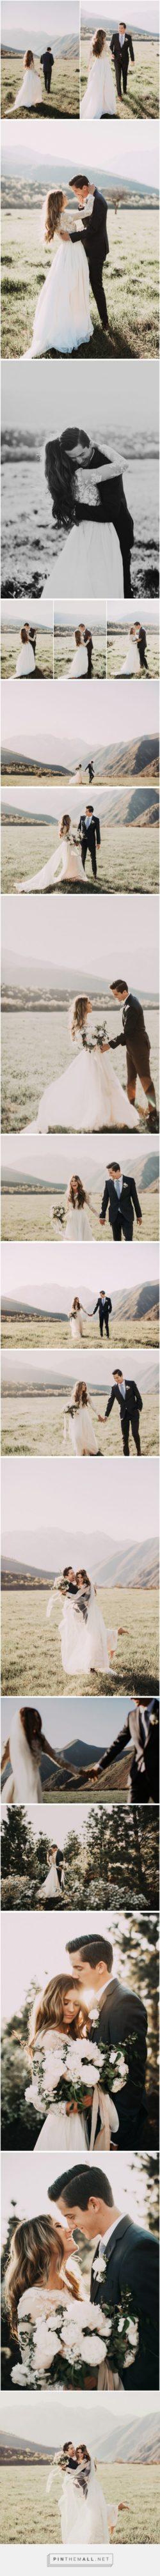 Ślub, inspiracje, sesja